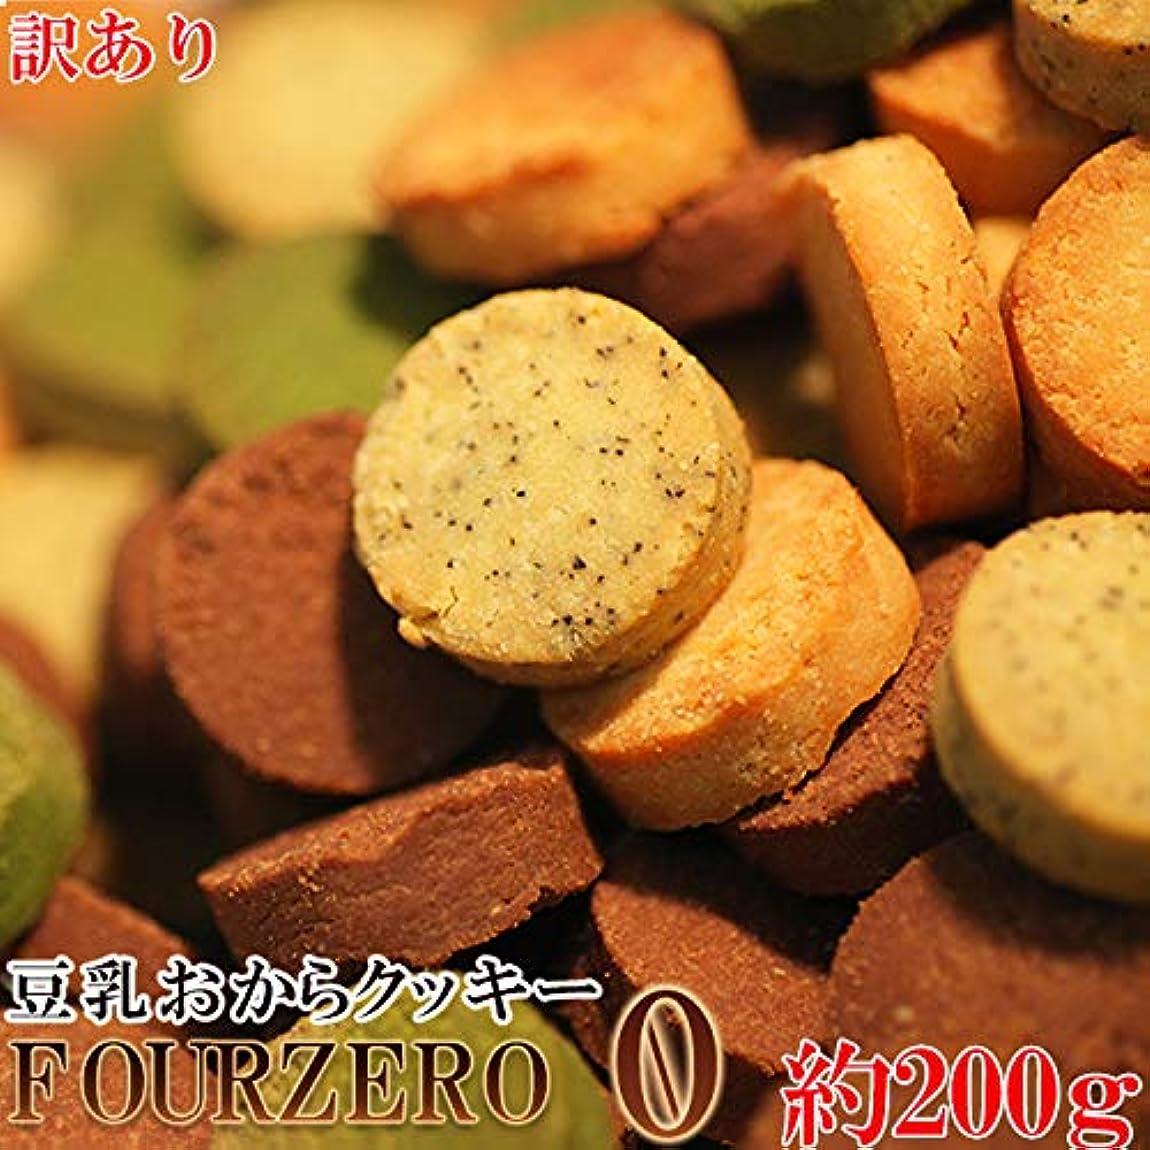 無震えるカエル天然生活 【ゆうパケット】人気のおからクッキーにお試しが登場!!【訳あり】豆乳おからクッキーFour Zero(4種)200g SM00010488